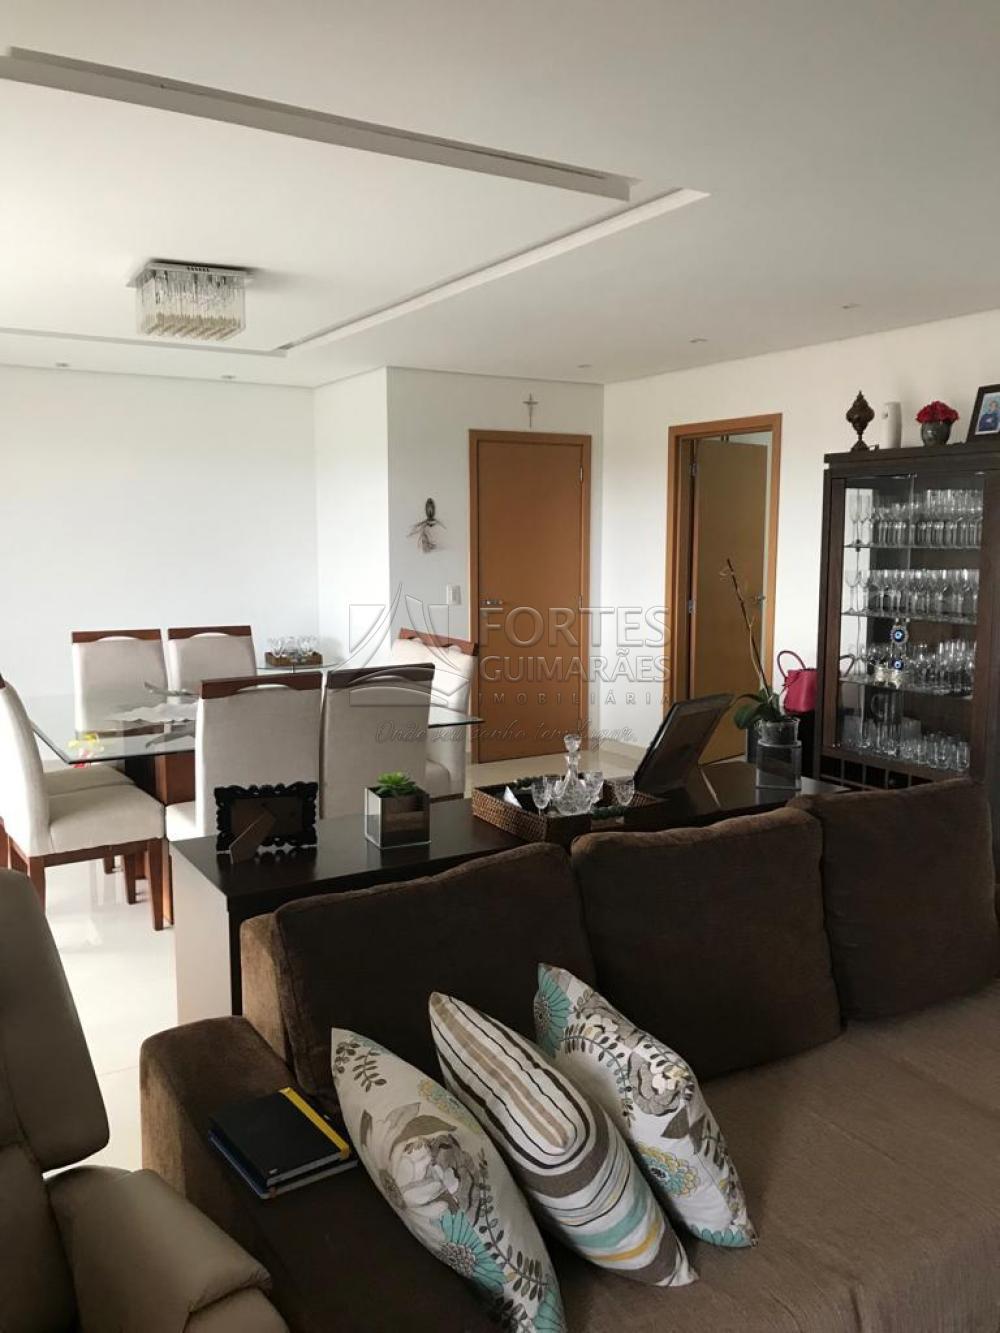 Alugar Apartamentos / Padrão em Ribeirão Preto apenas R$ 3.500,00 - Foto 2